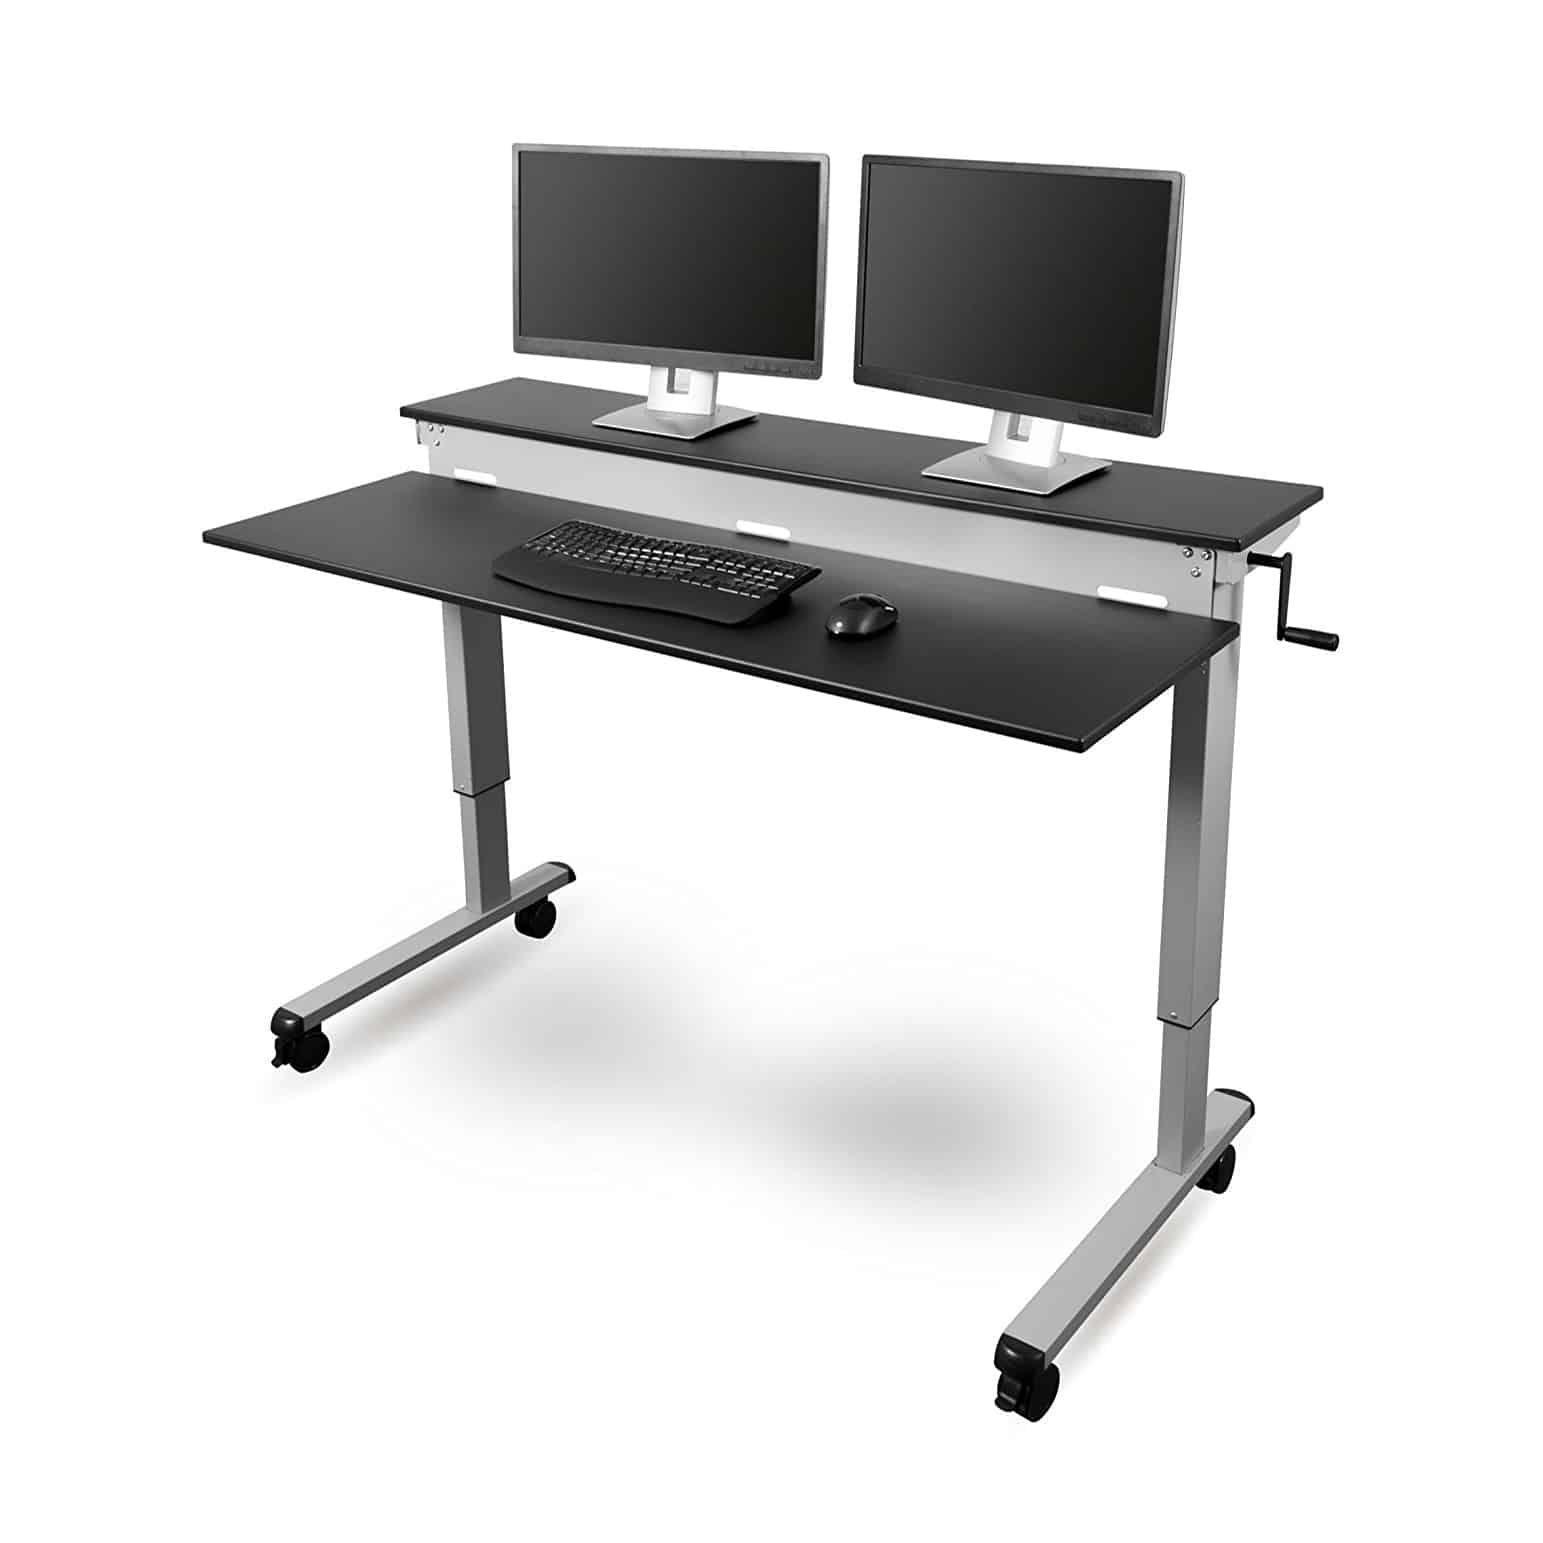 Top 10 Best Height Adjustable Desks Reviews In 2020 With Images Adjustable Height Desk Desk Adjustable Standing Desk